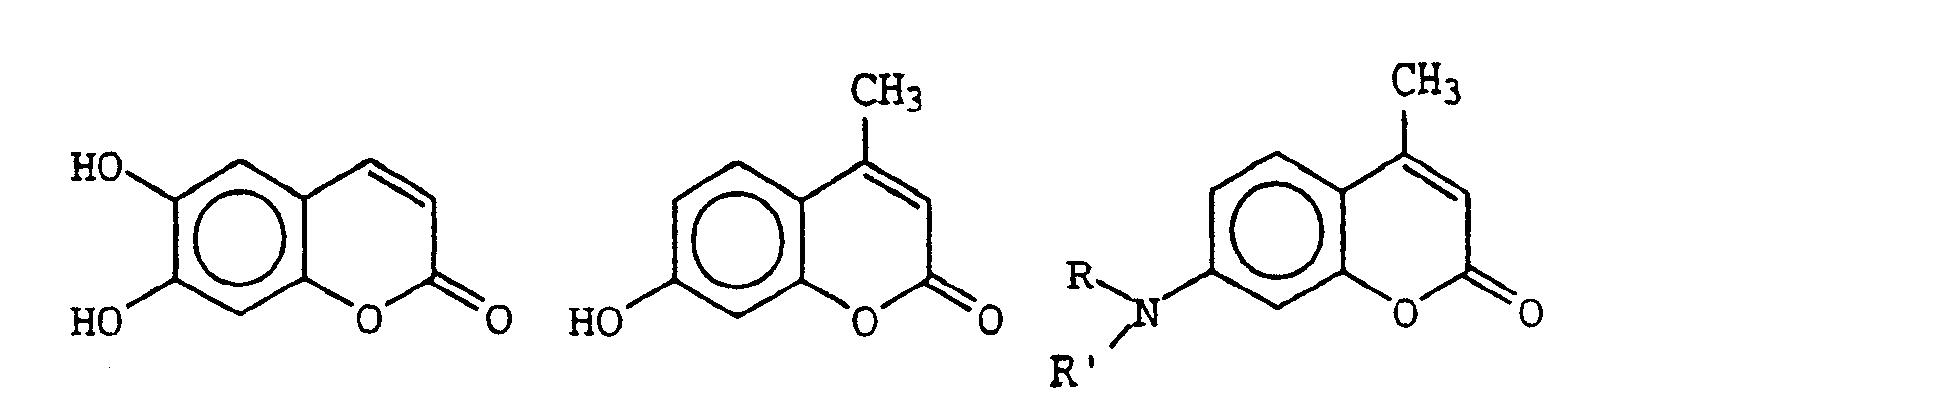 Figure CN1694677BD00114